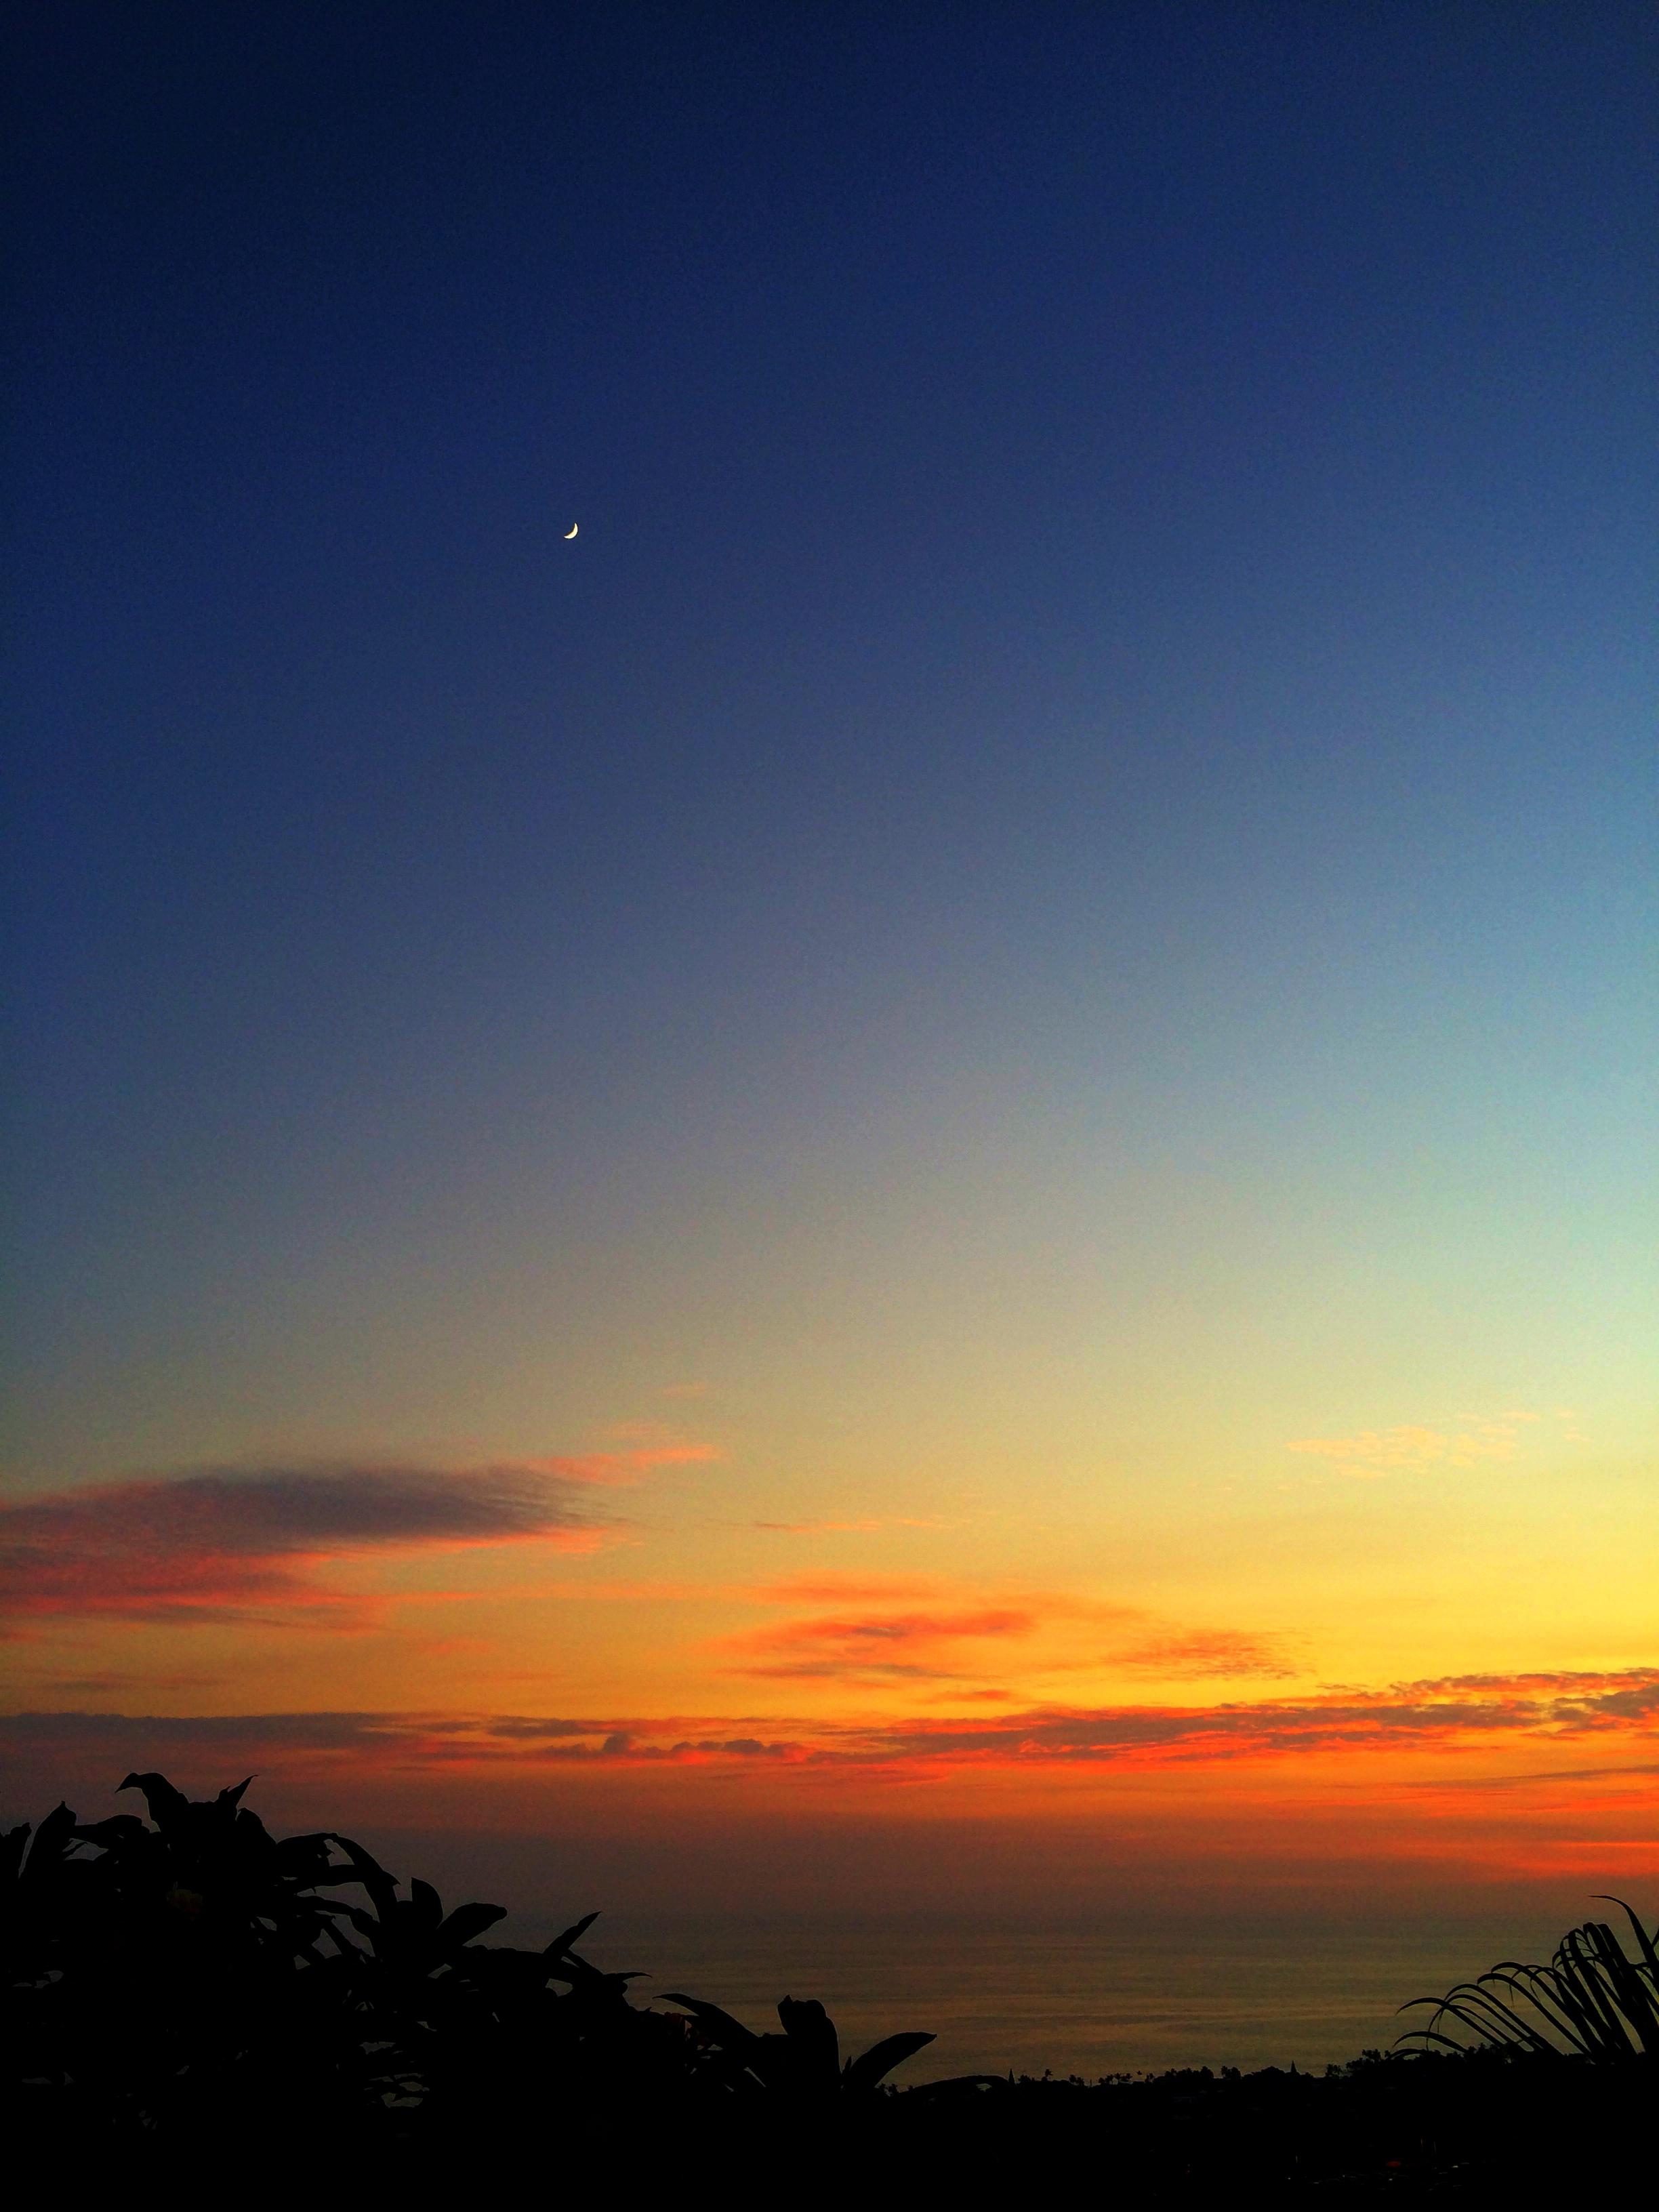 moonrise_sunset.jpg